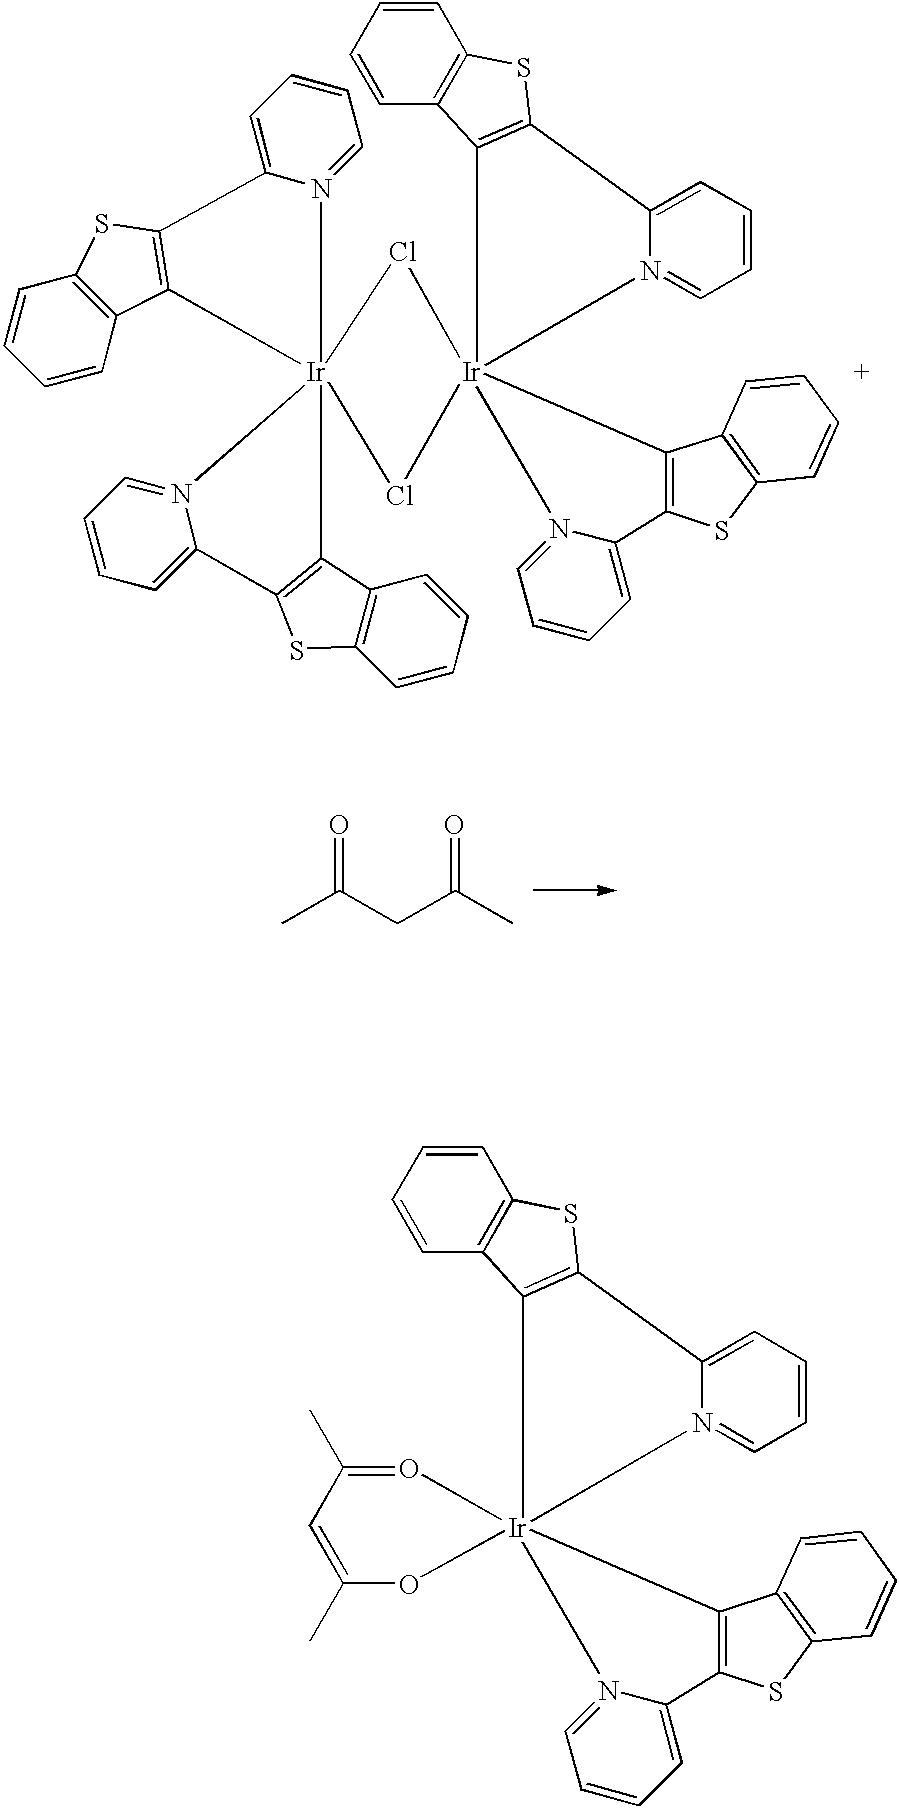 Figure US20030054198A1-20030320-C00018